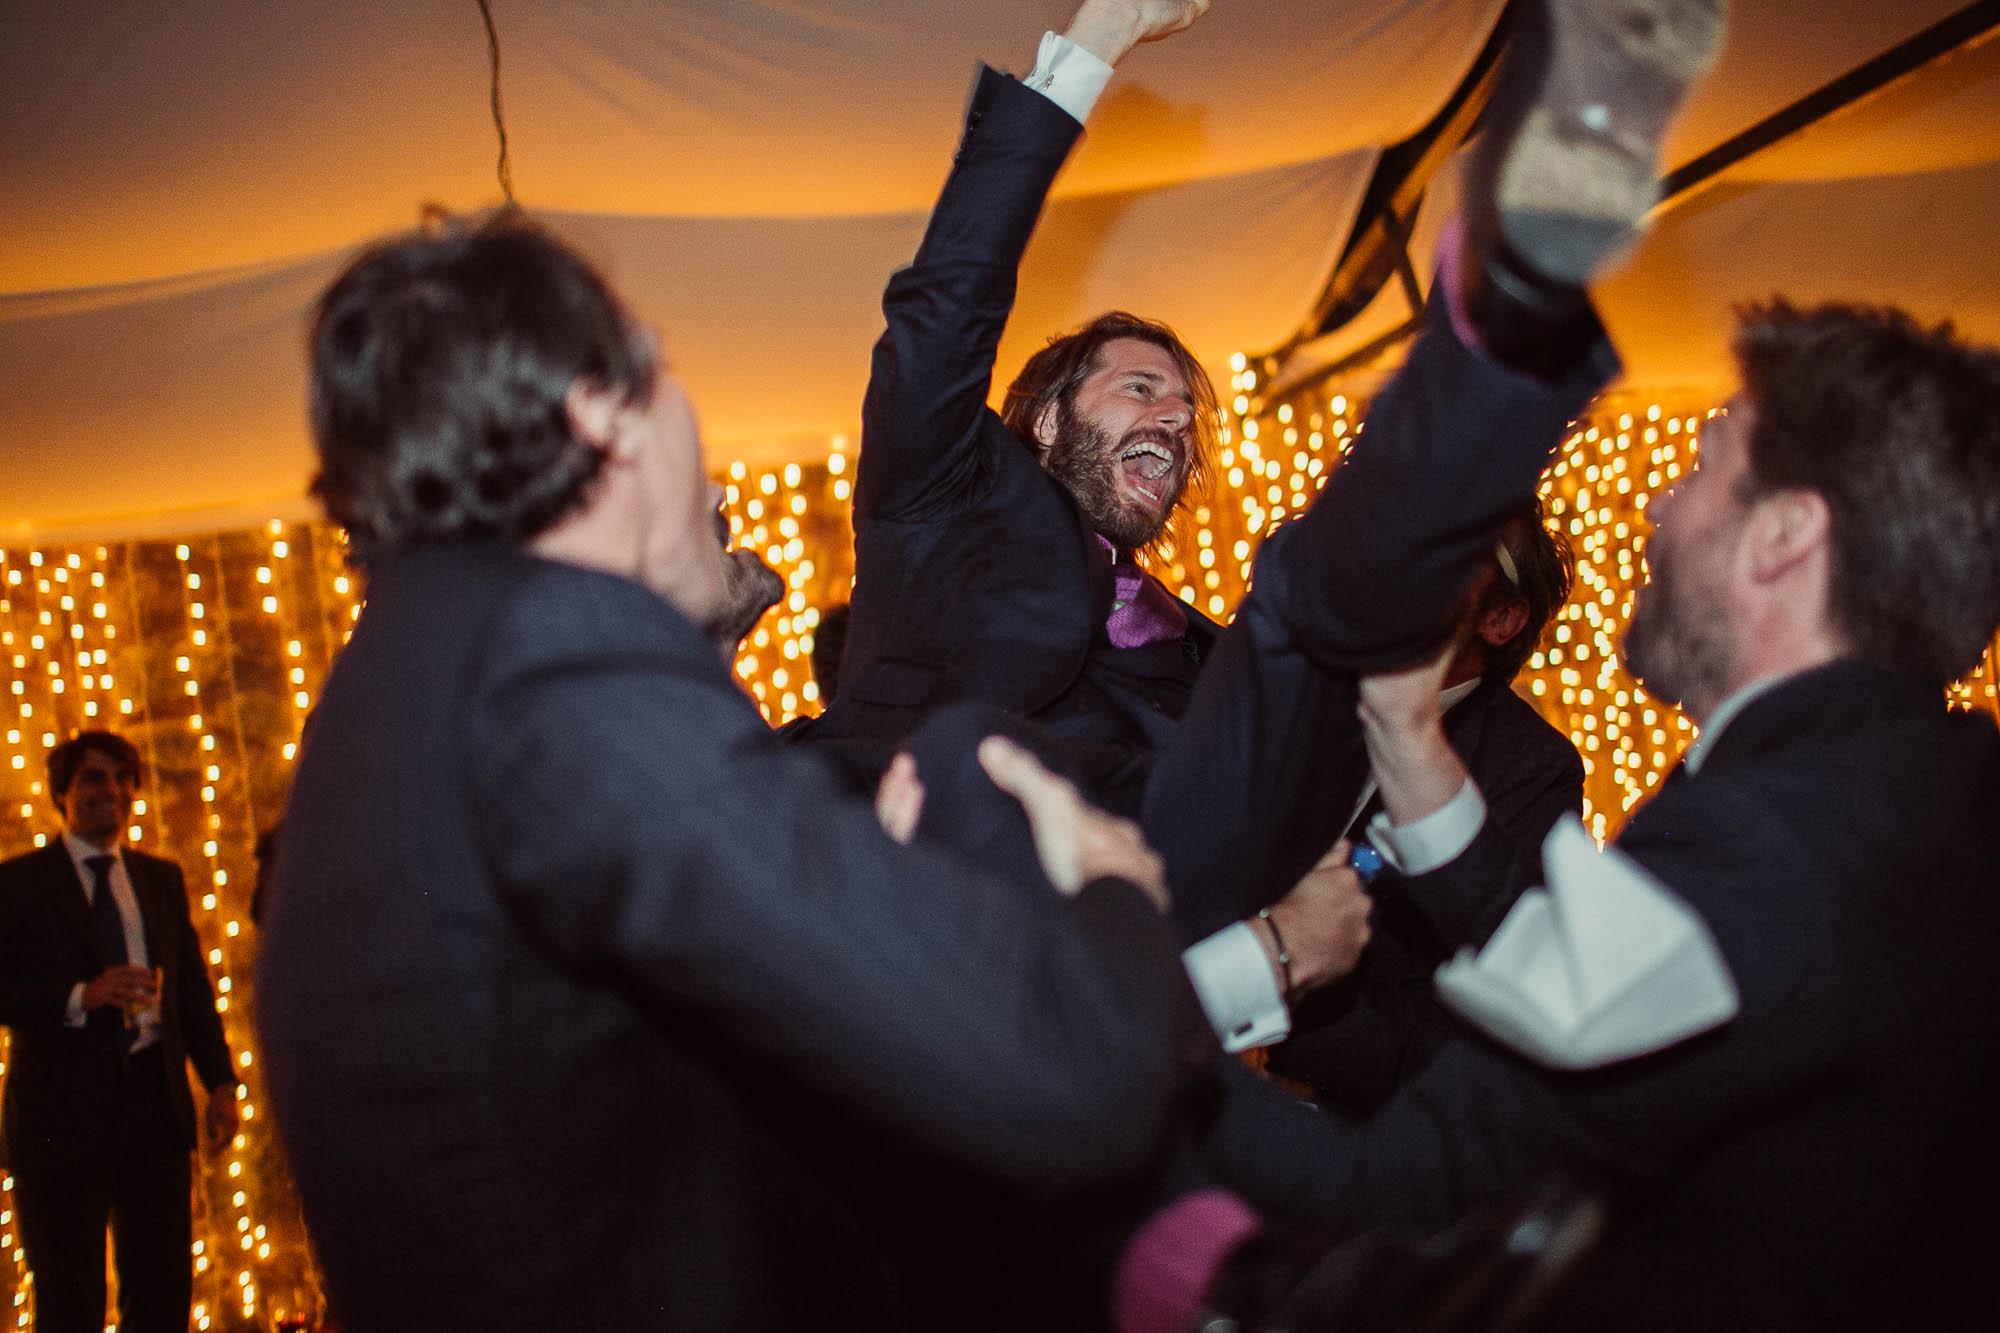 Los invitados levantando al novio por encima de los hombros entre varios emocionados durante la fiesta de la boda